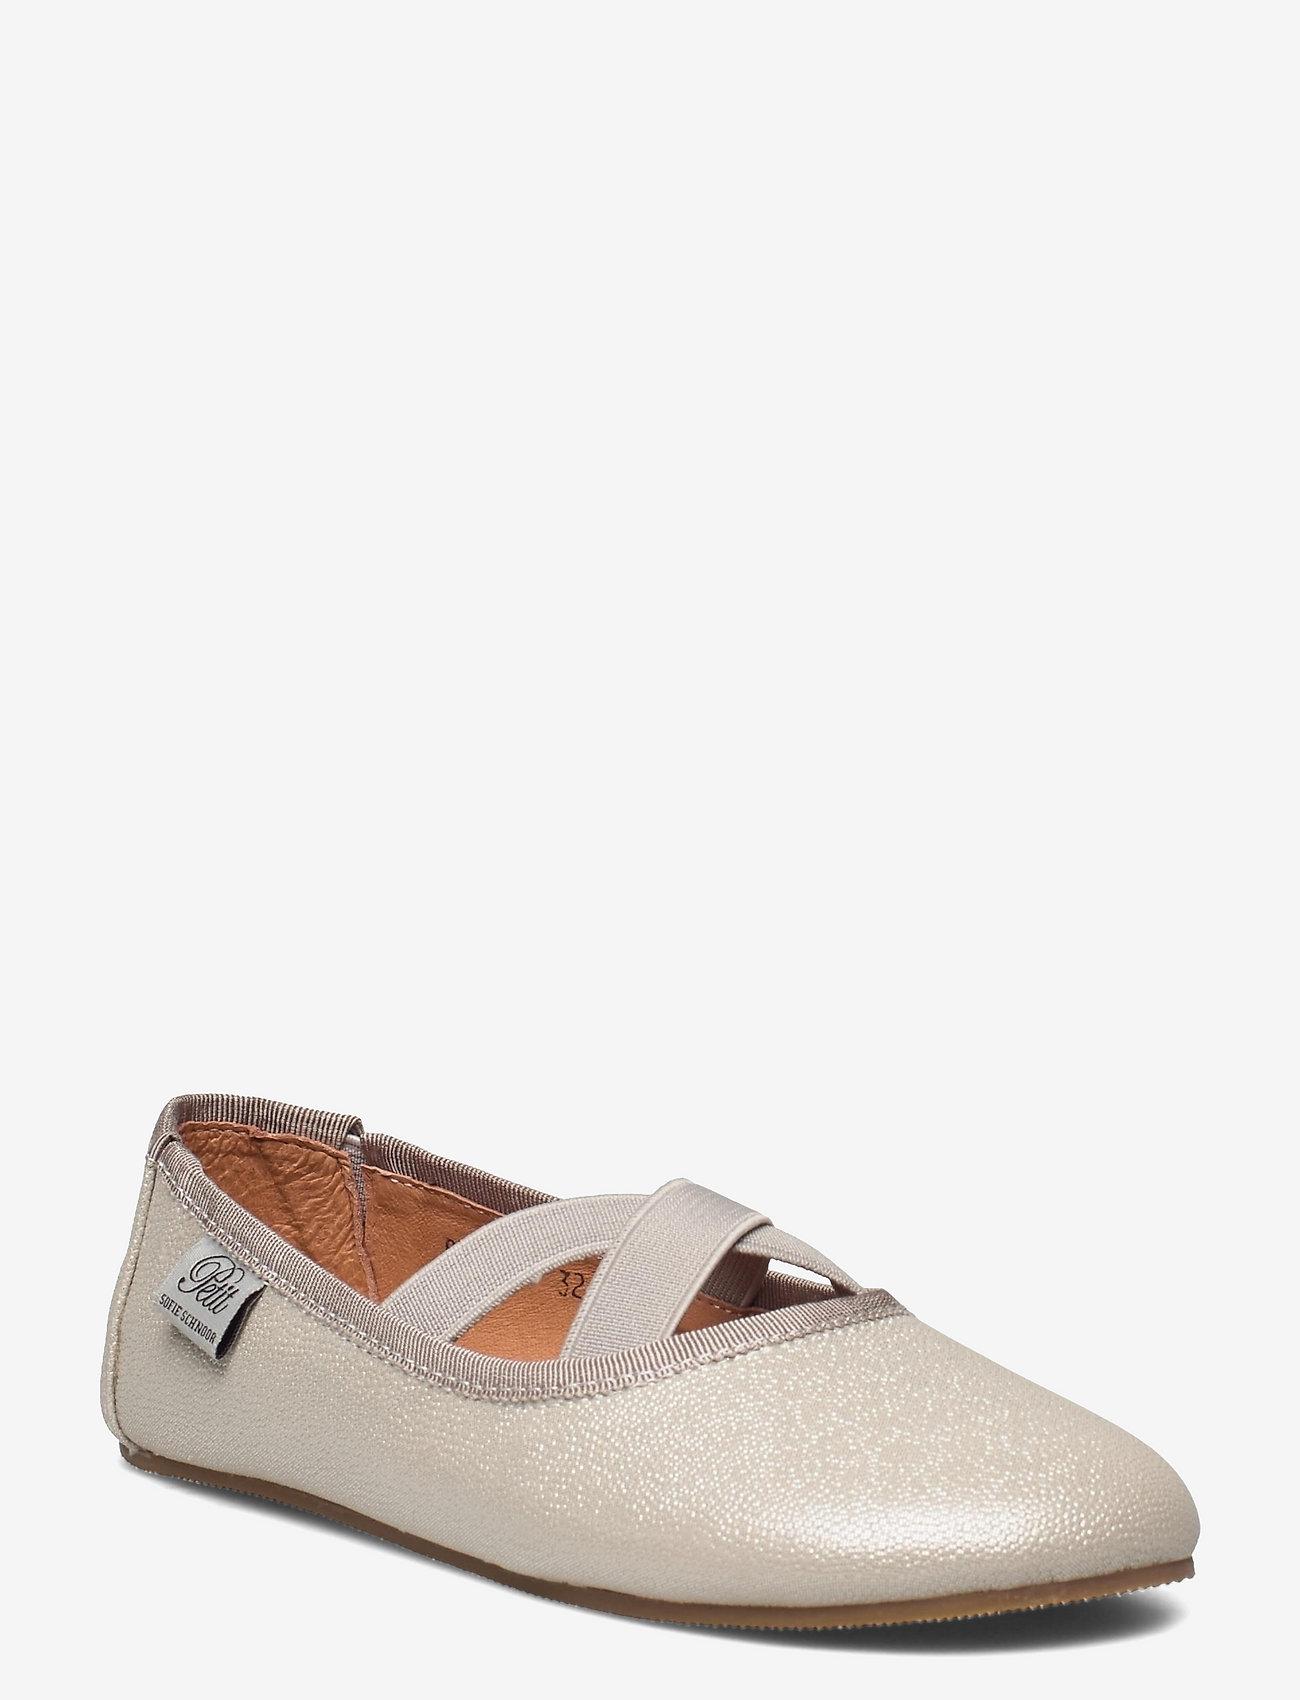 Shoe indoor